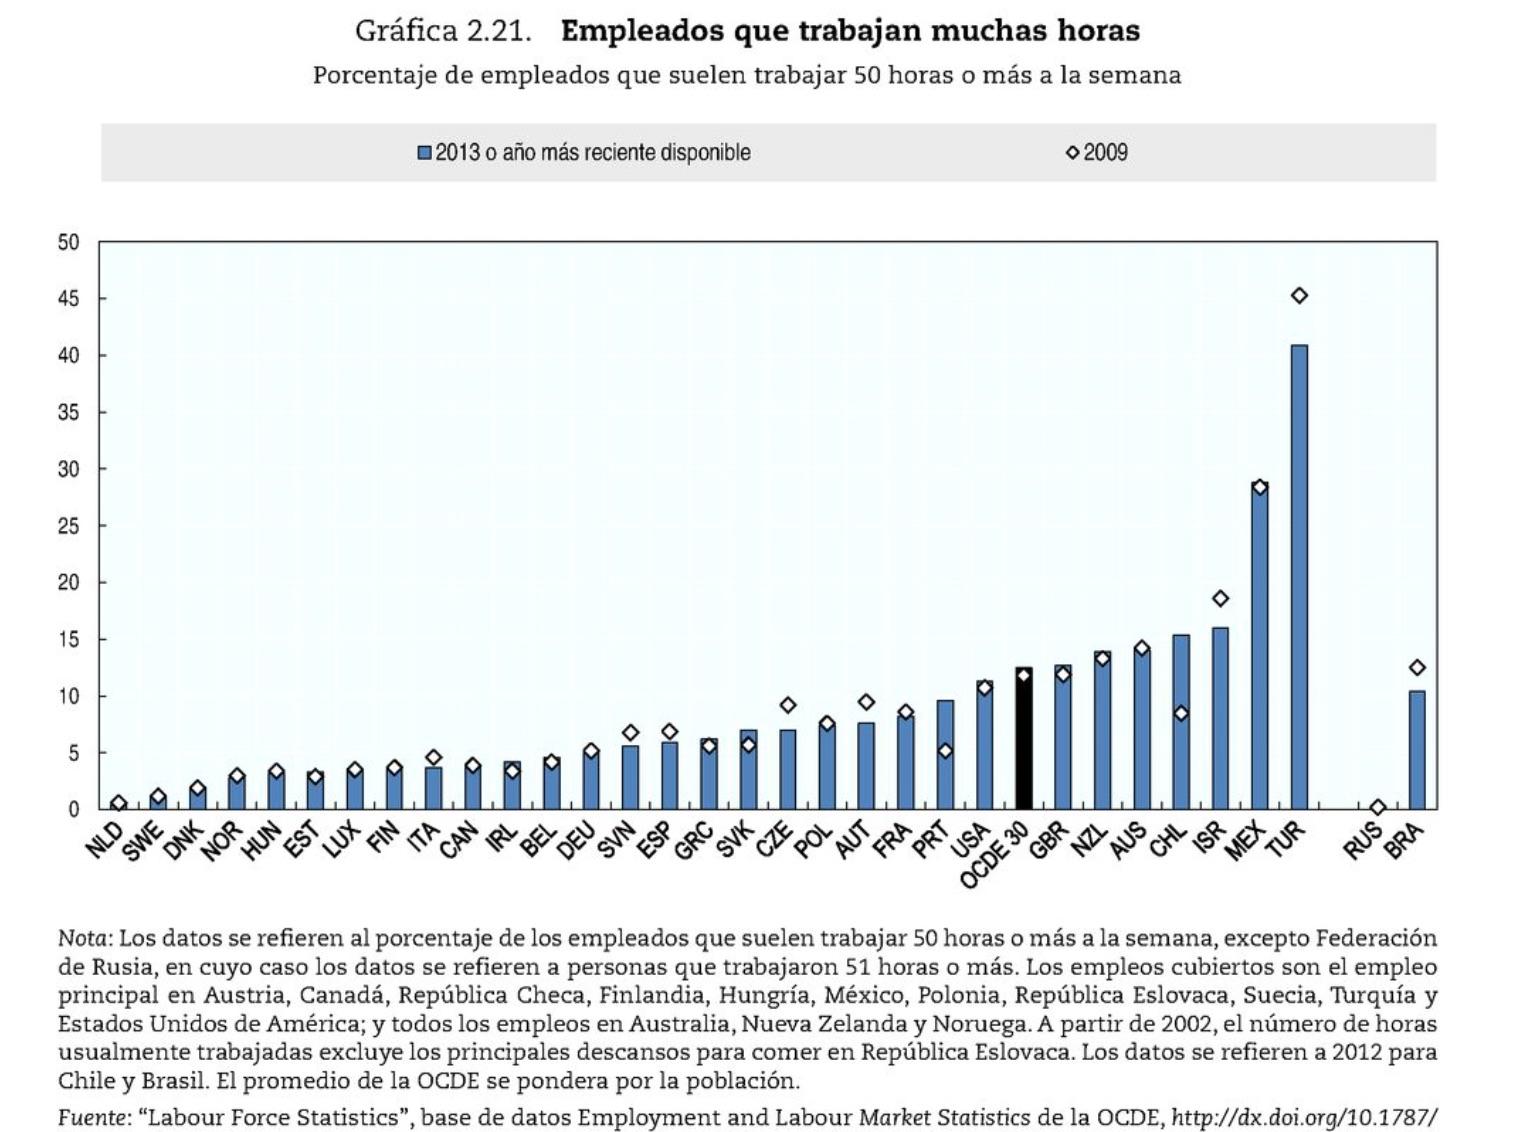 Grafica 2.21 OCDE